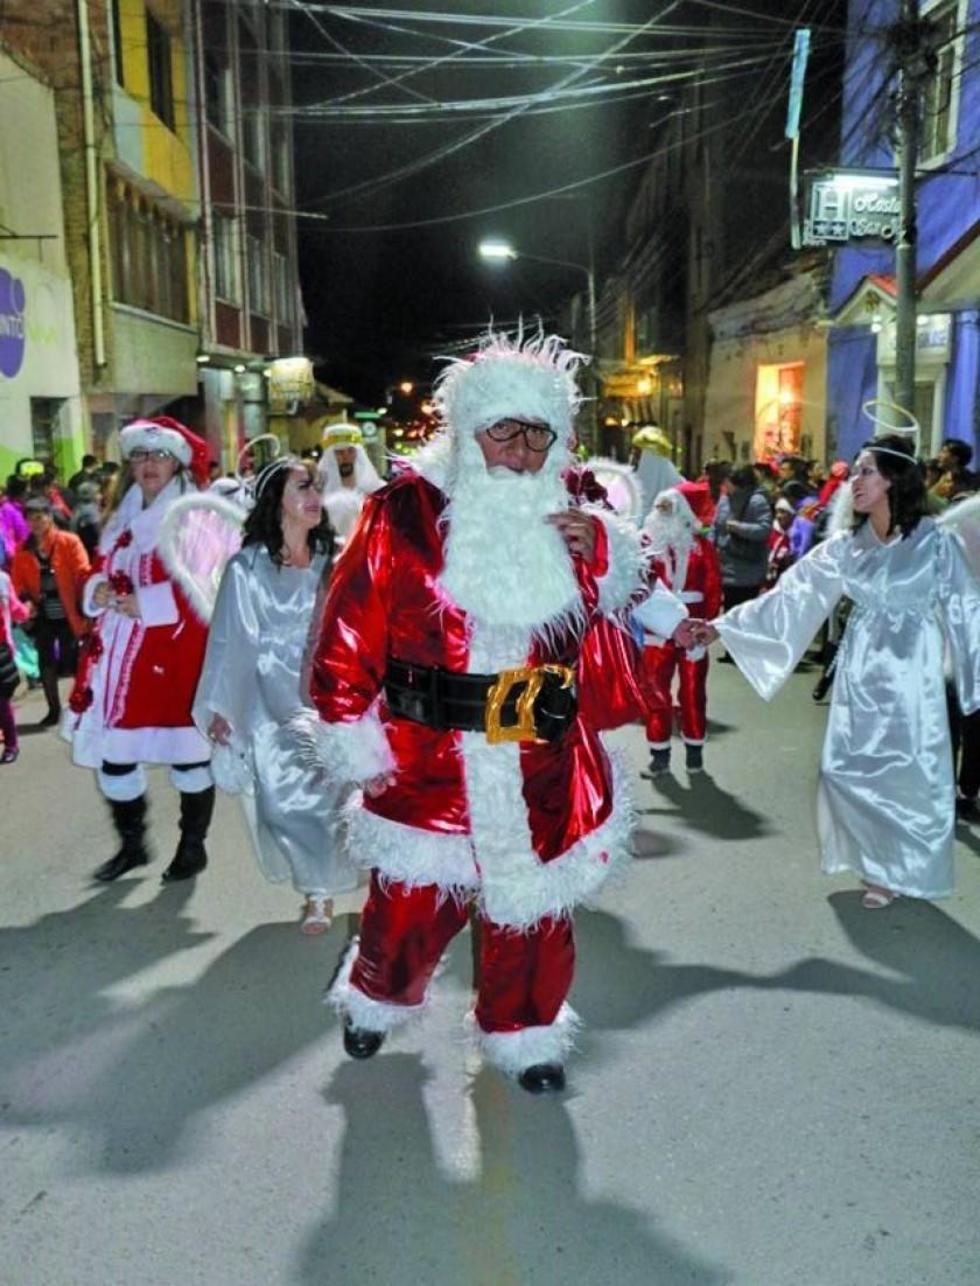 El alcalde Cervantes vestido de papá Noel.